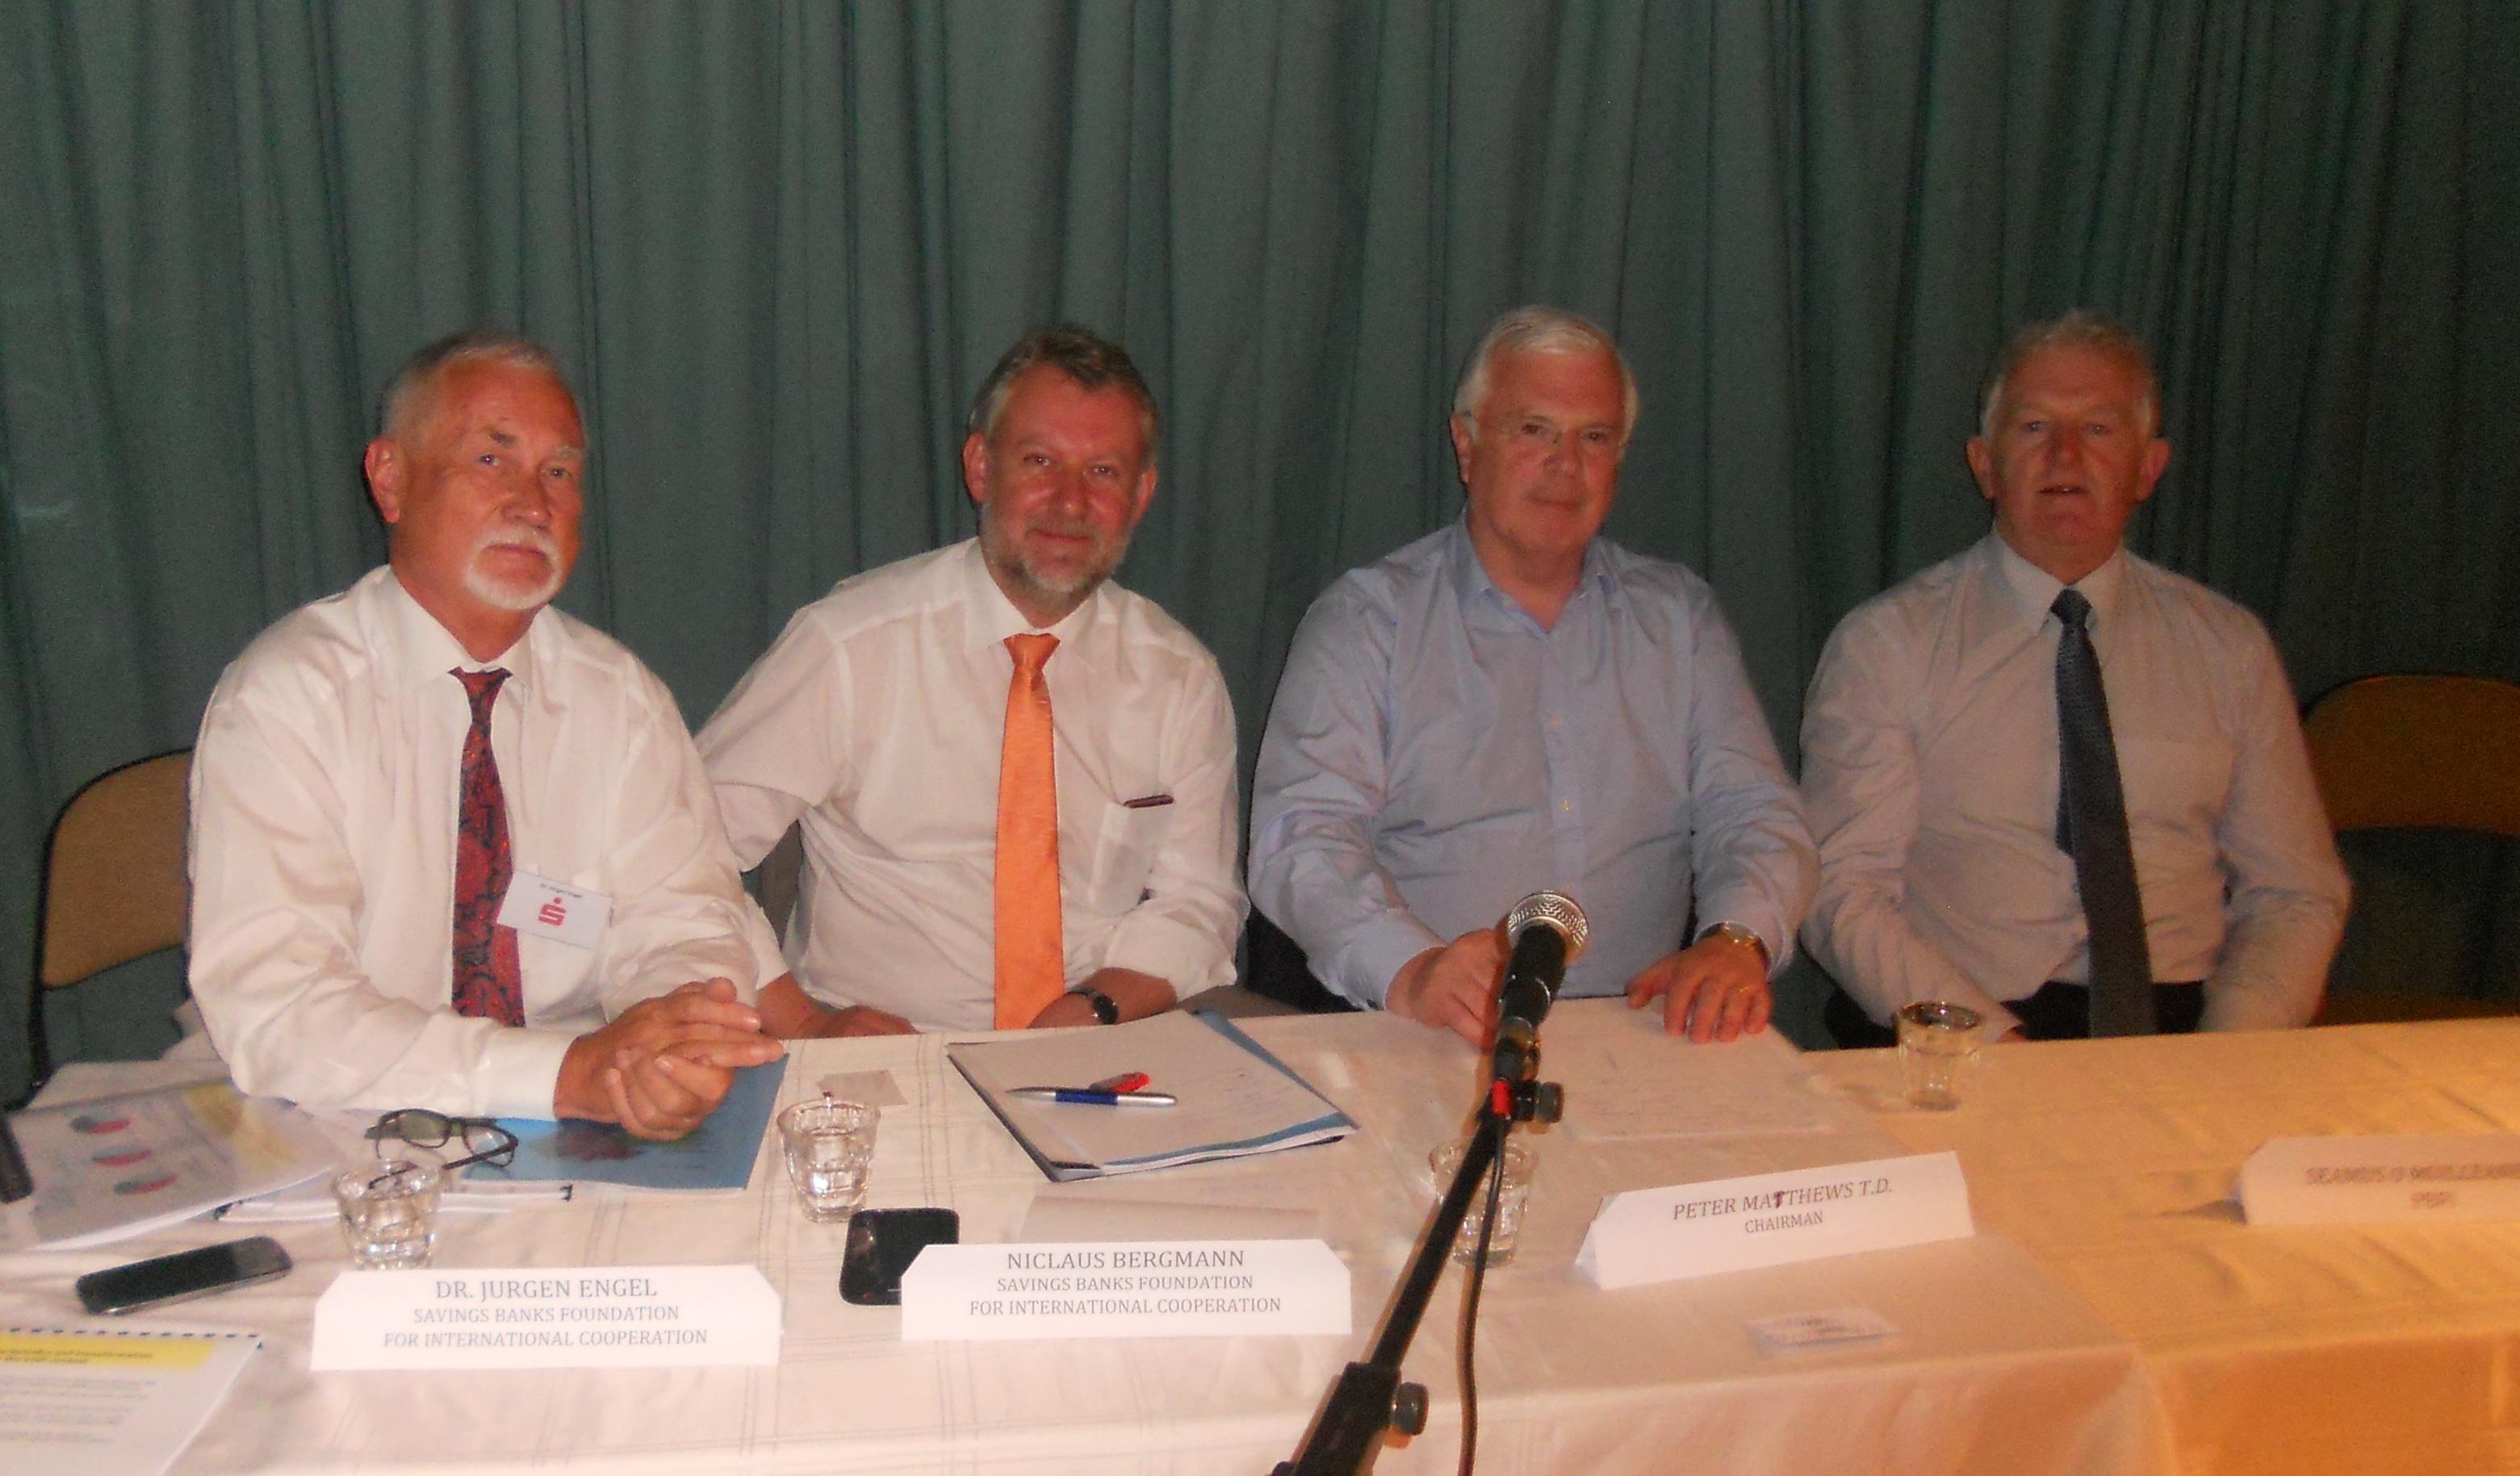 Jür,Nic,Pet,Jim at table